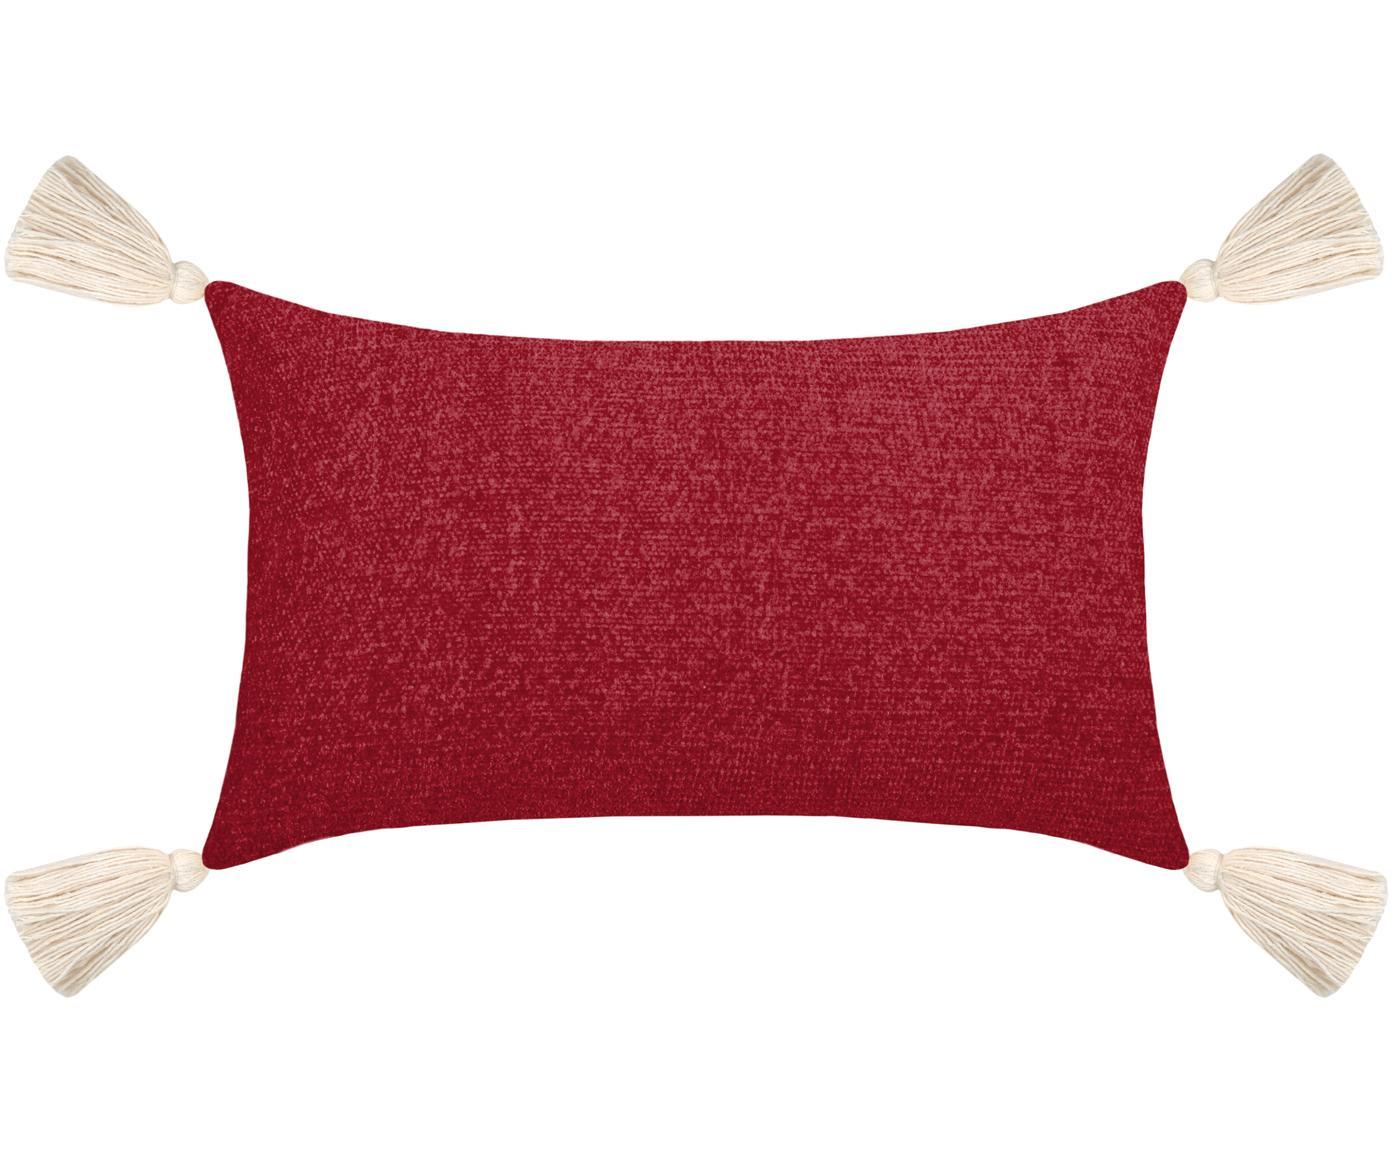 Kissen Chila mit Quasten, mit Inlett, Polyester, Rot, 30 x 50 cm